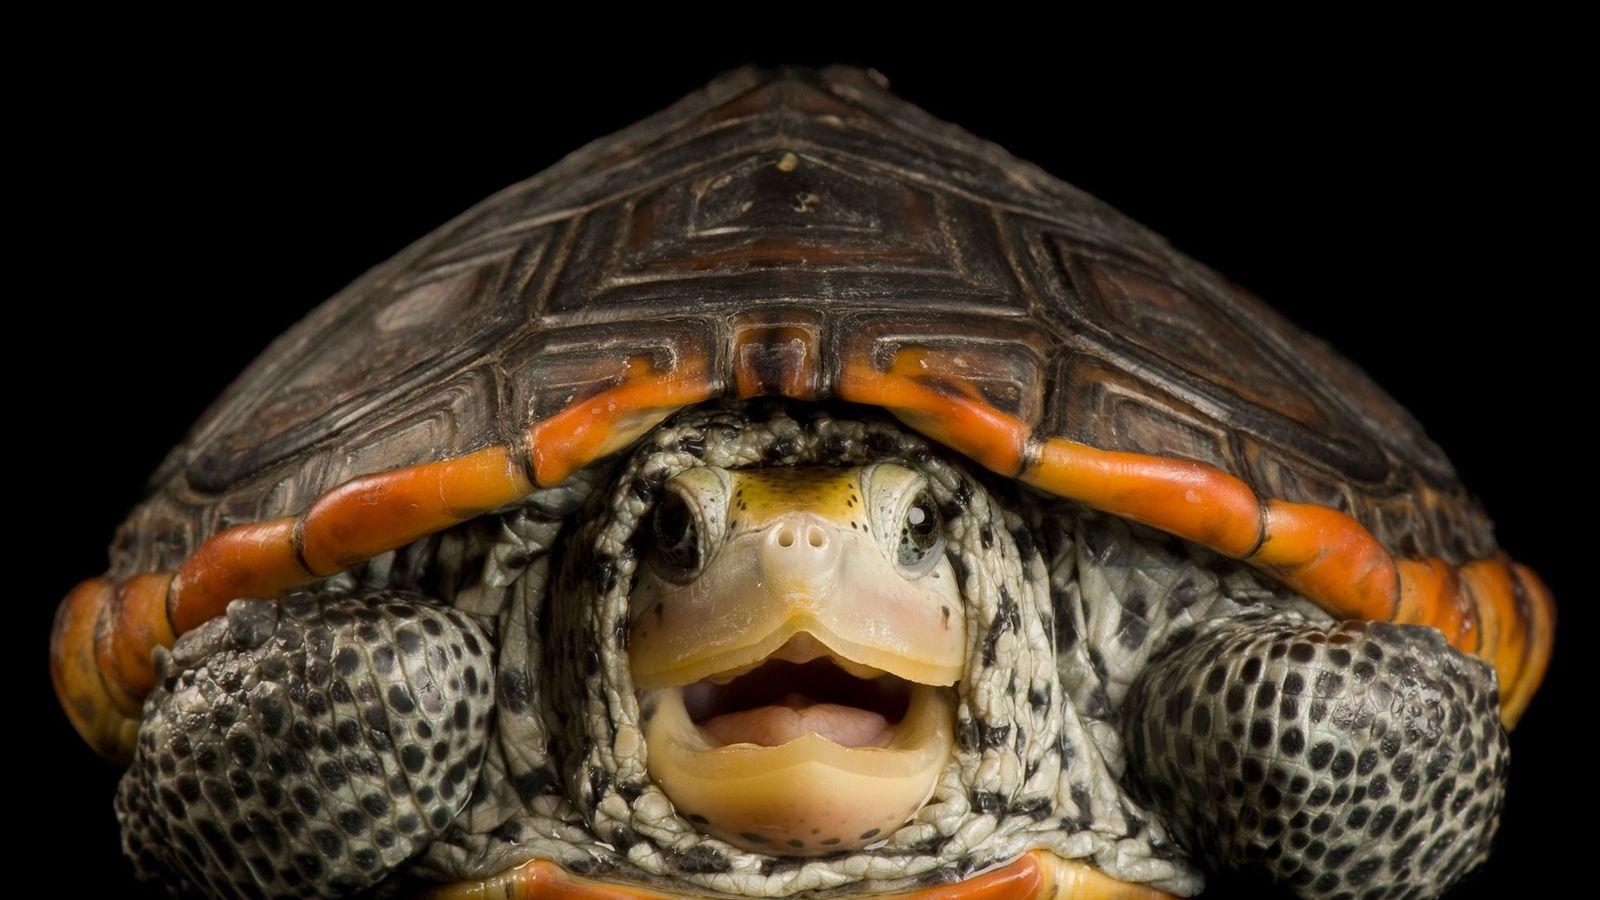 Esta Malaclemys terrapinque é exclusiva dos Estados Unidos. Ela foi fotografada no Estuarium, em Dauphin Island, ...